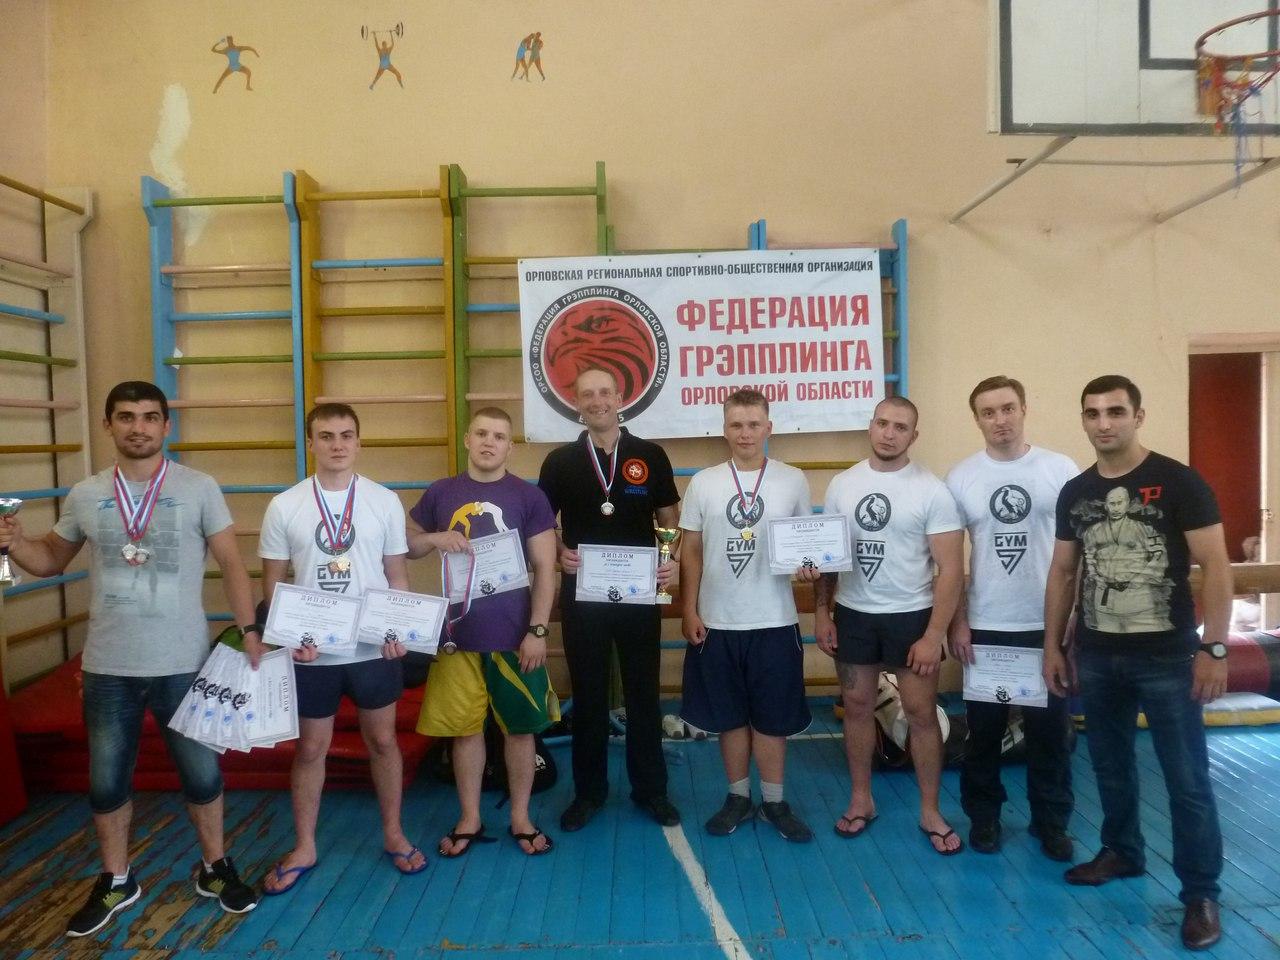 Орловские грэпплеры взяли 2 место на турнире в Курске